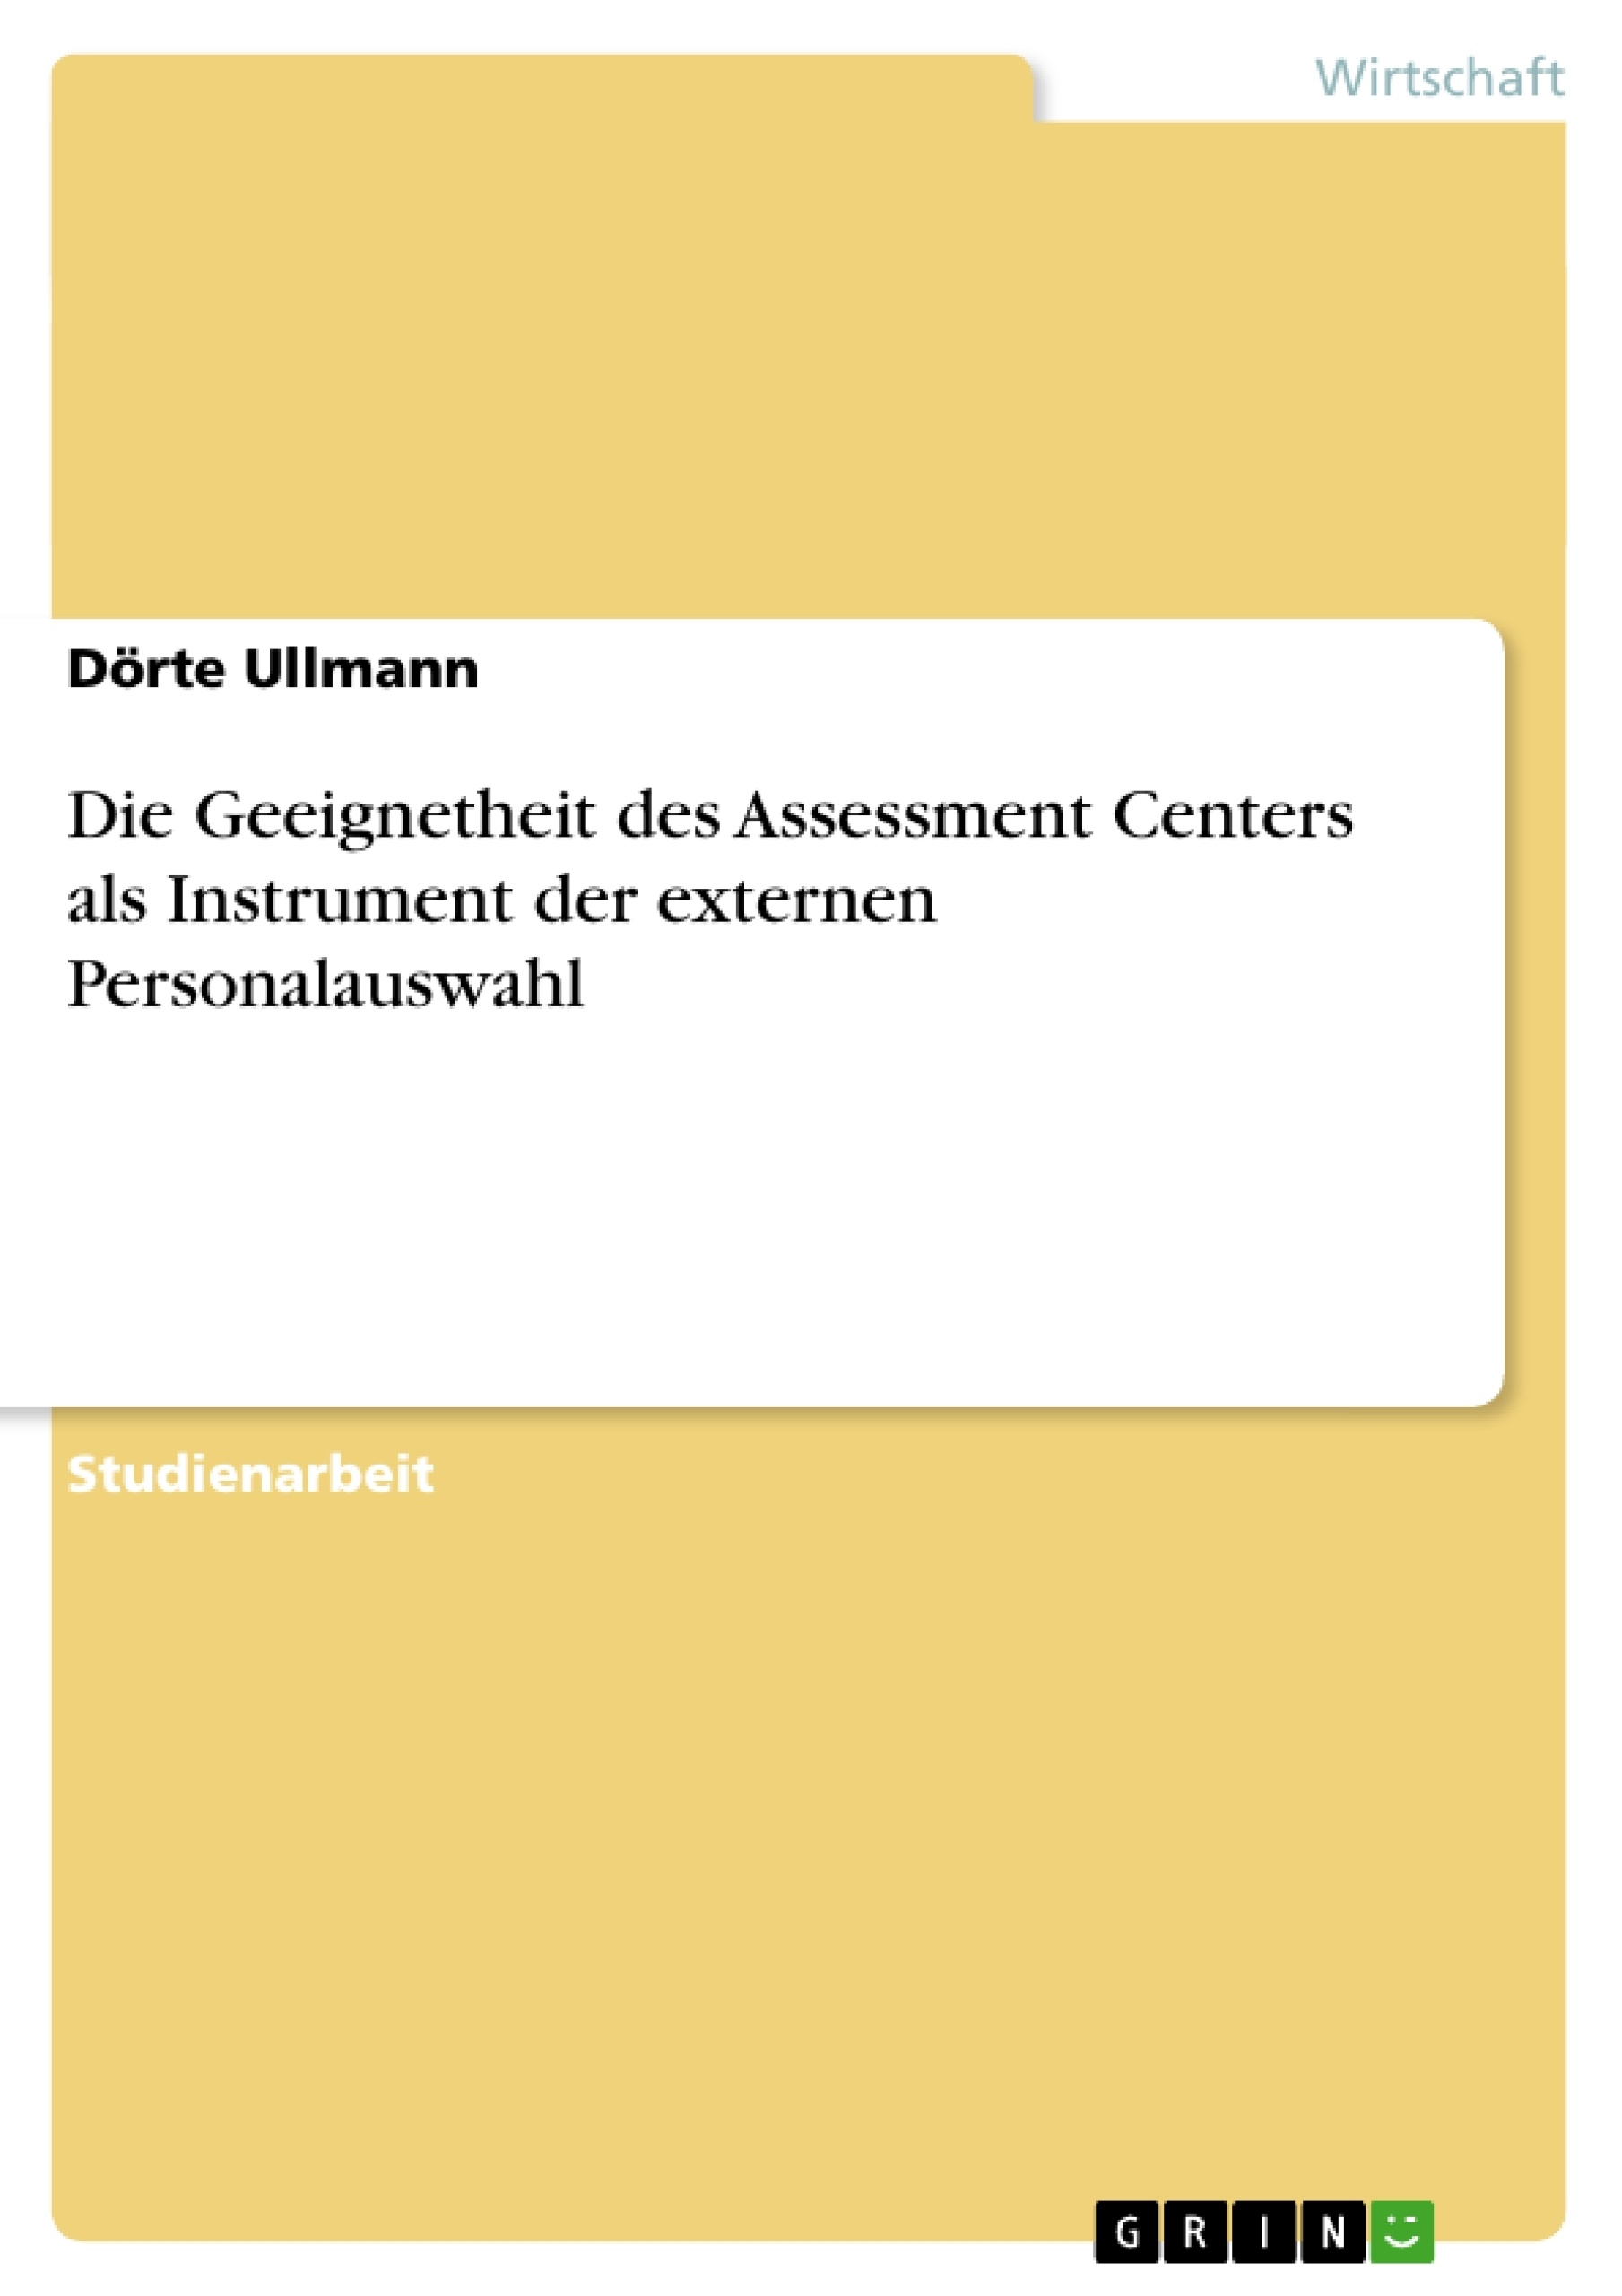 Titel: Die Geeignetheit des Assessment Centers als Instrument der externen Personalauswahl